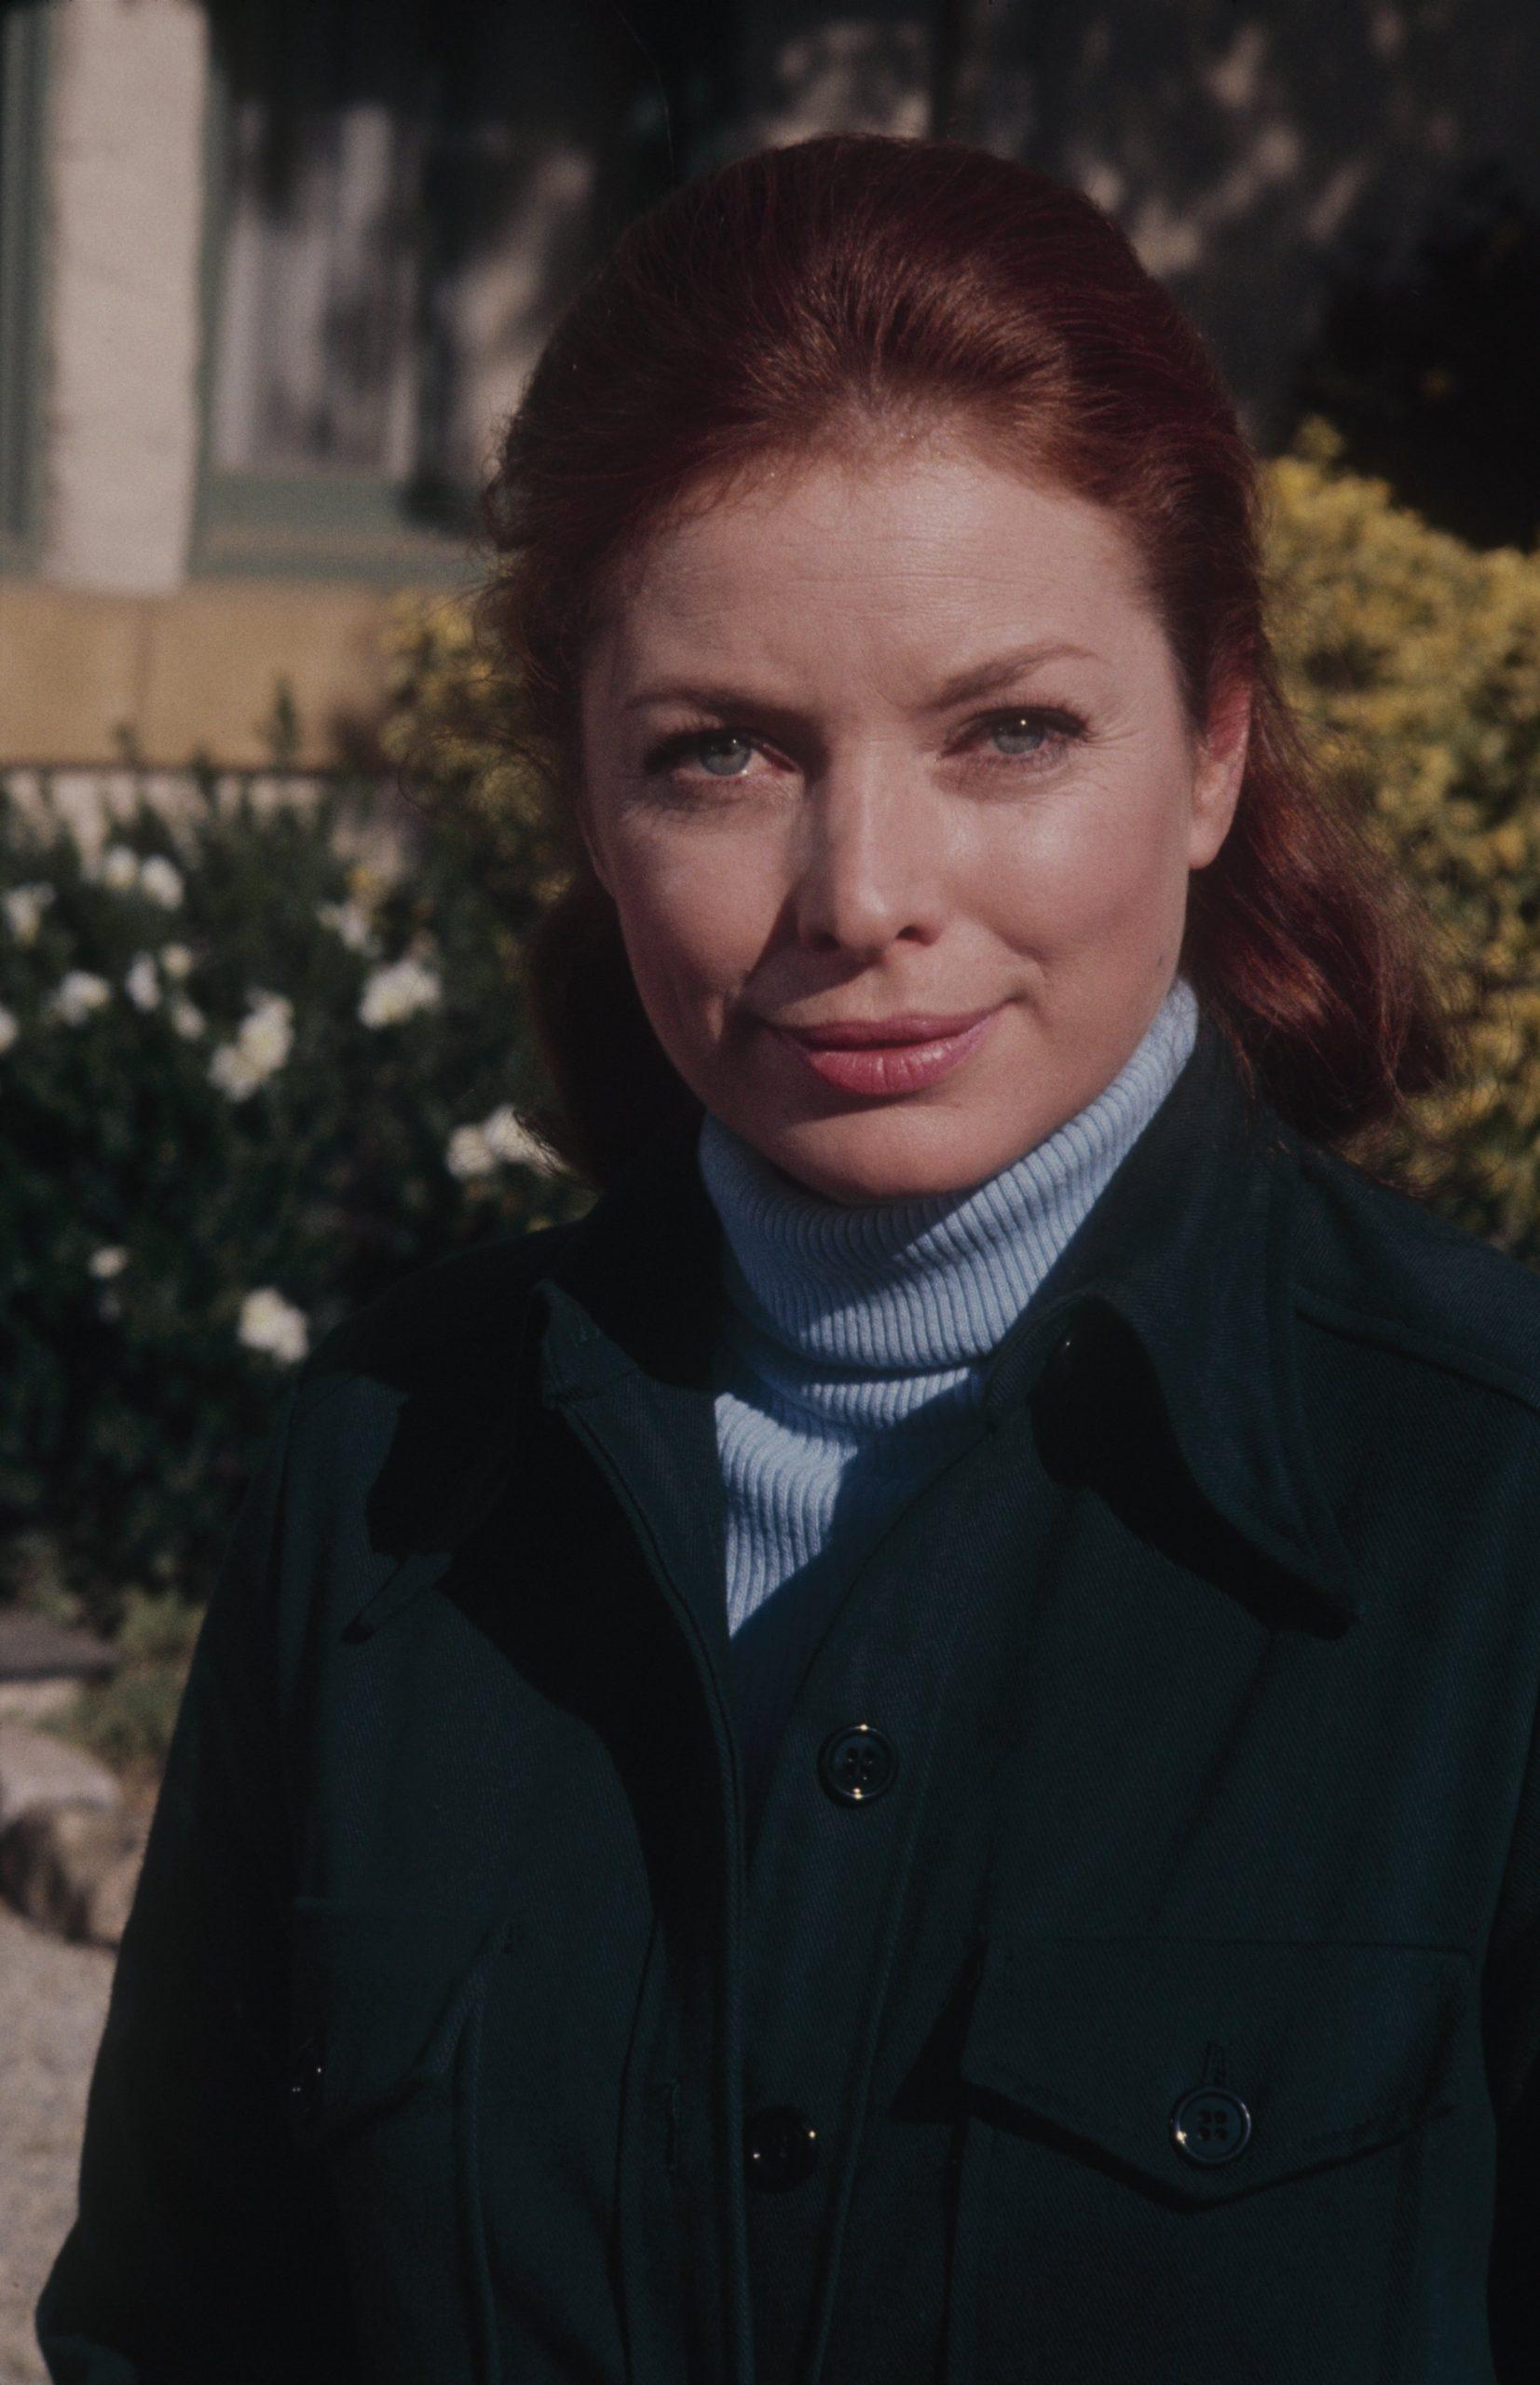 Actor Aneta Corsaut